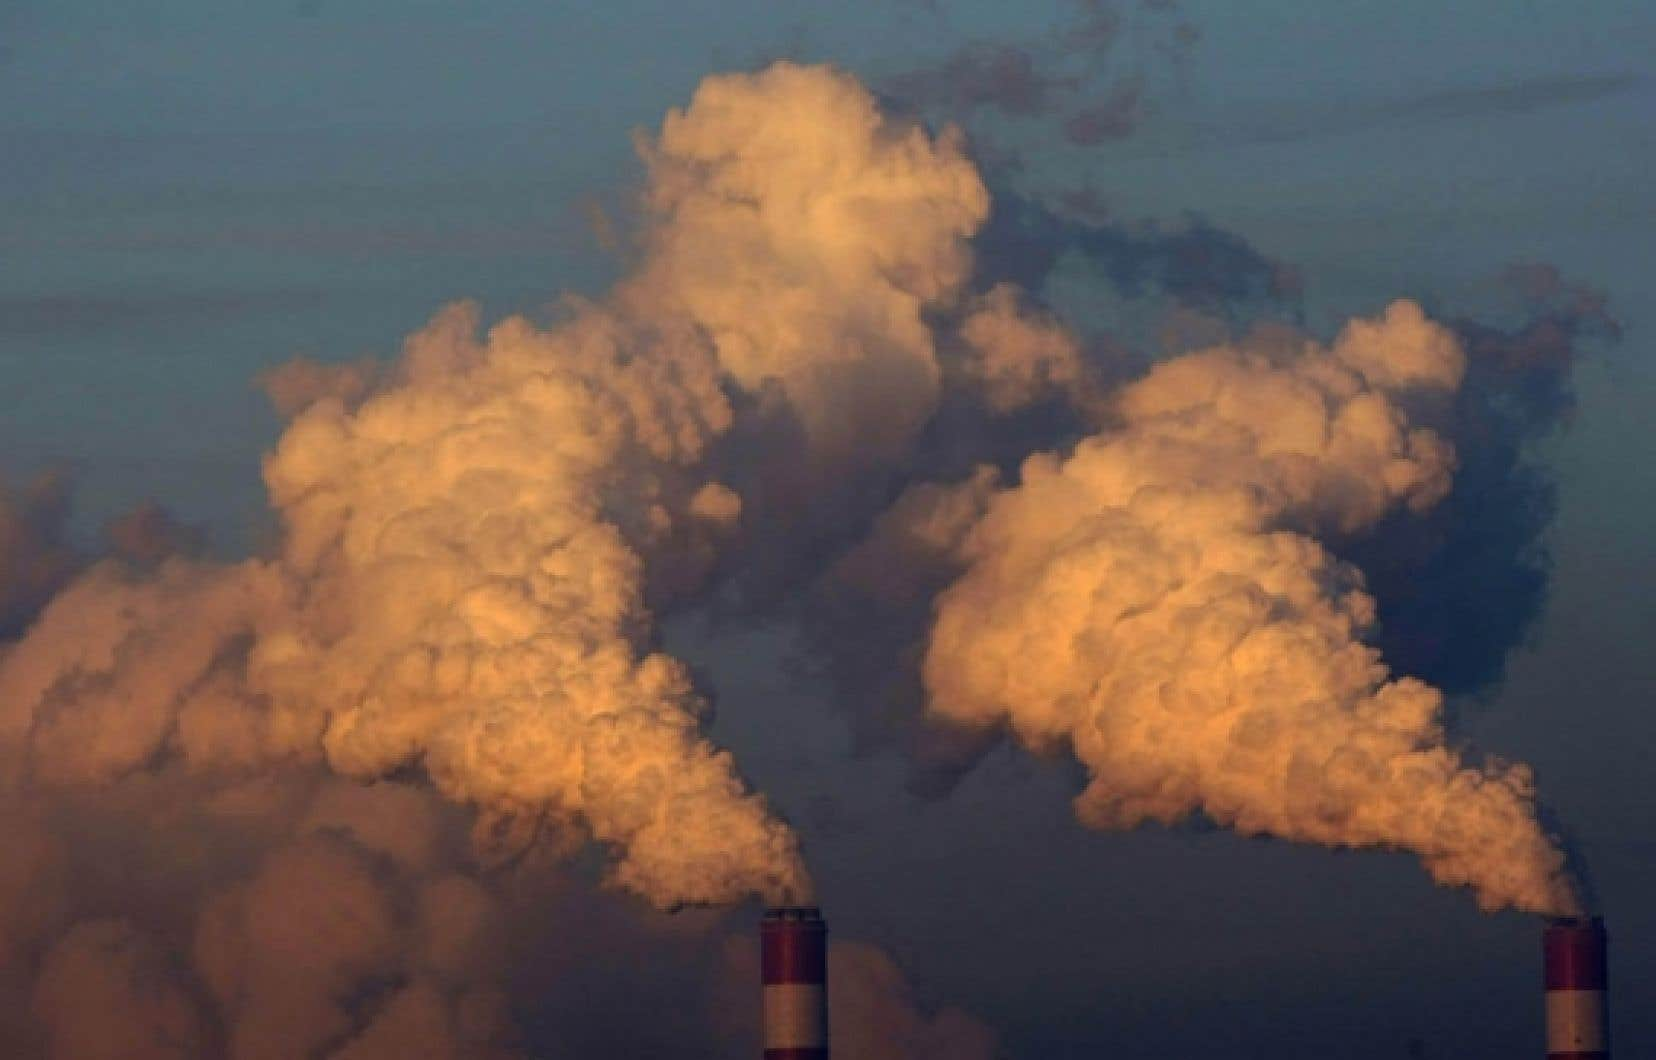 Les partis ayant répondu au questionnaire des écologistes s'entendent pour mettre un prix sur les émissions de carbone, à travers un marché d'échanges de crédits d'émissions basé sur un plafond réglementaire.